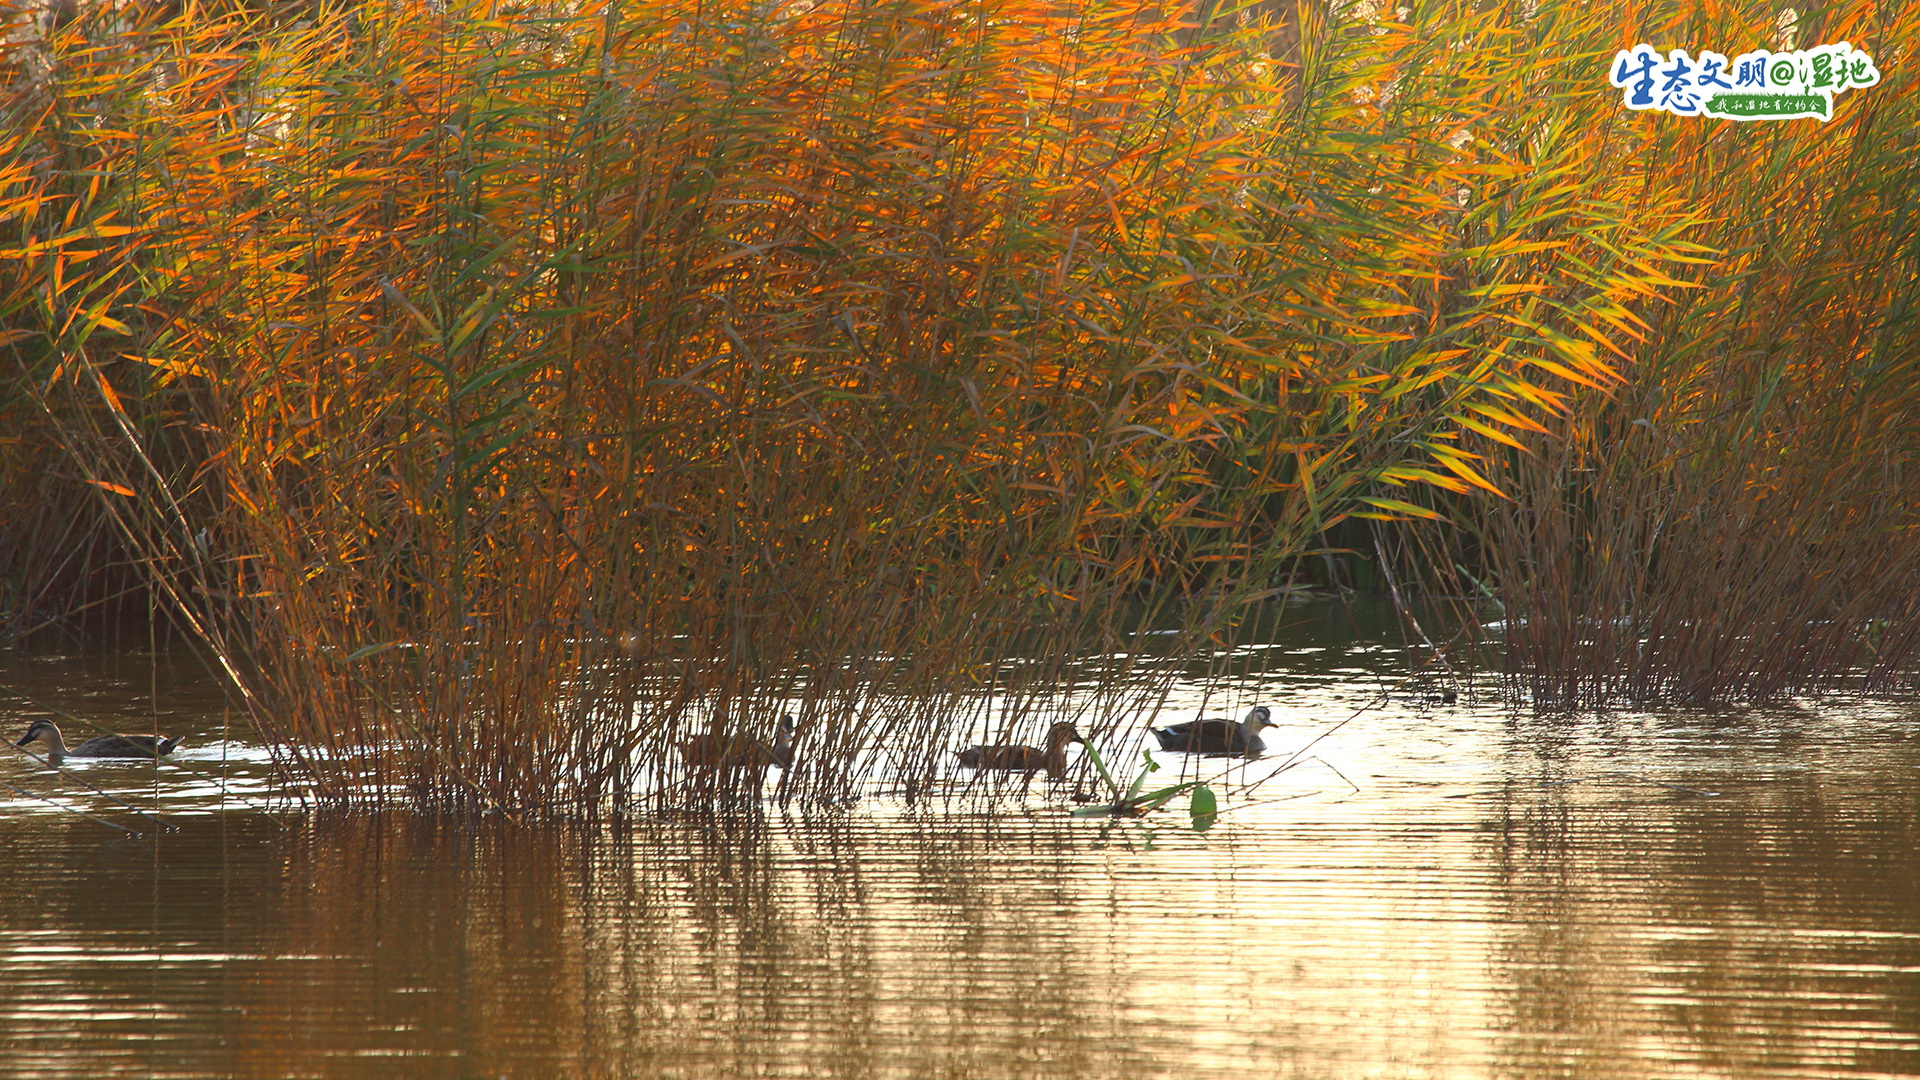 这些年,在天津市委市政府的决策和决心、志愿者们的共同努力下,天津的湿地环境开始改善。停留天津的候鸟种群数量越来越多。